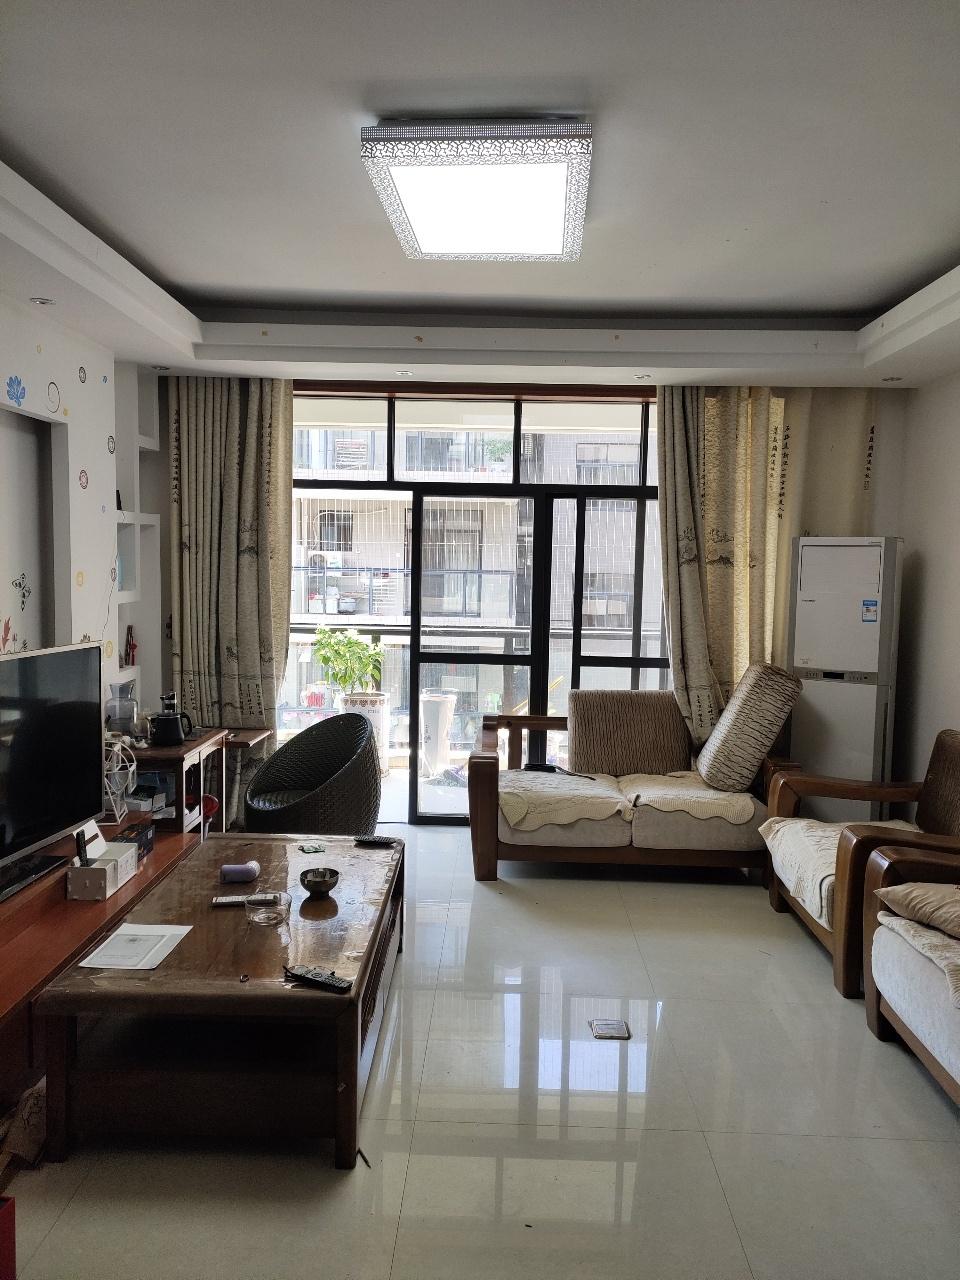 陆川碧桂华庭一期4室2厅2卫68万元